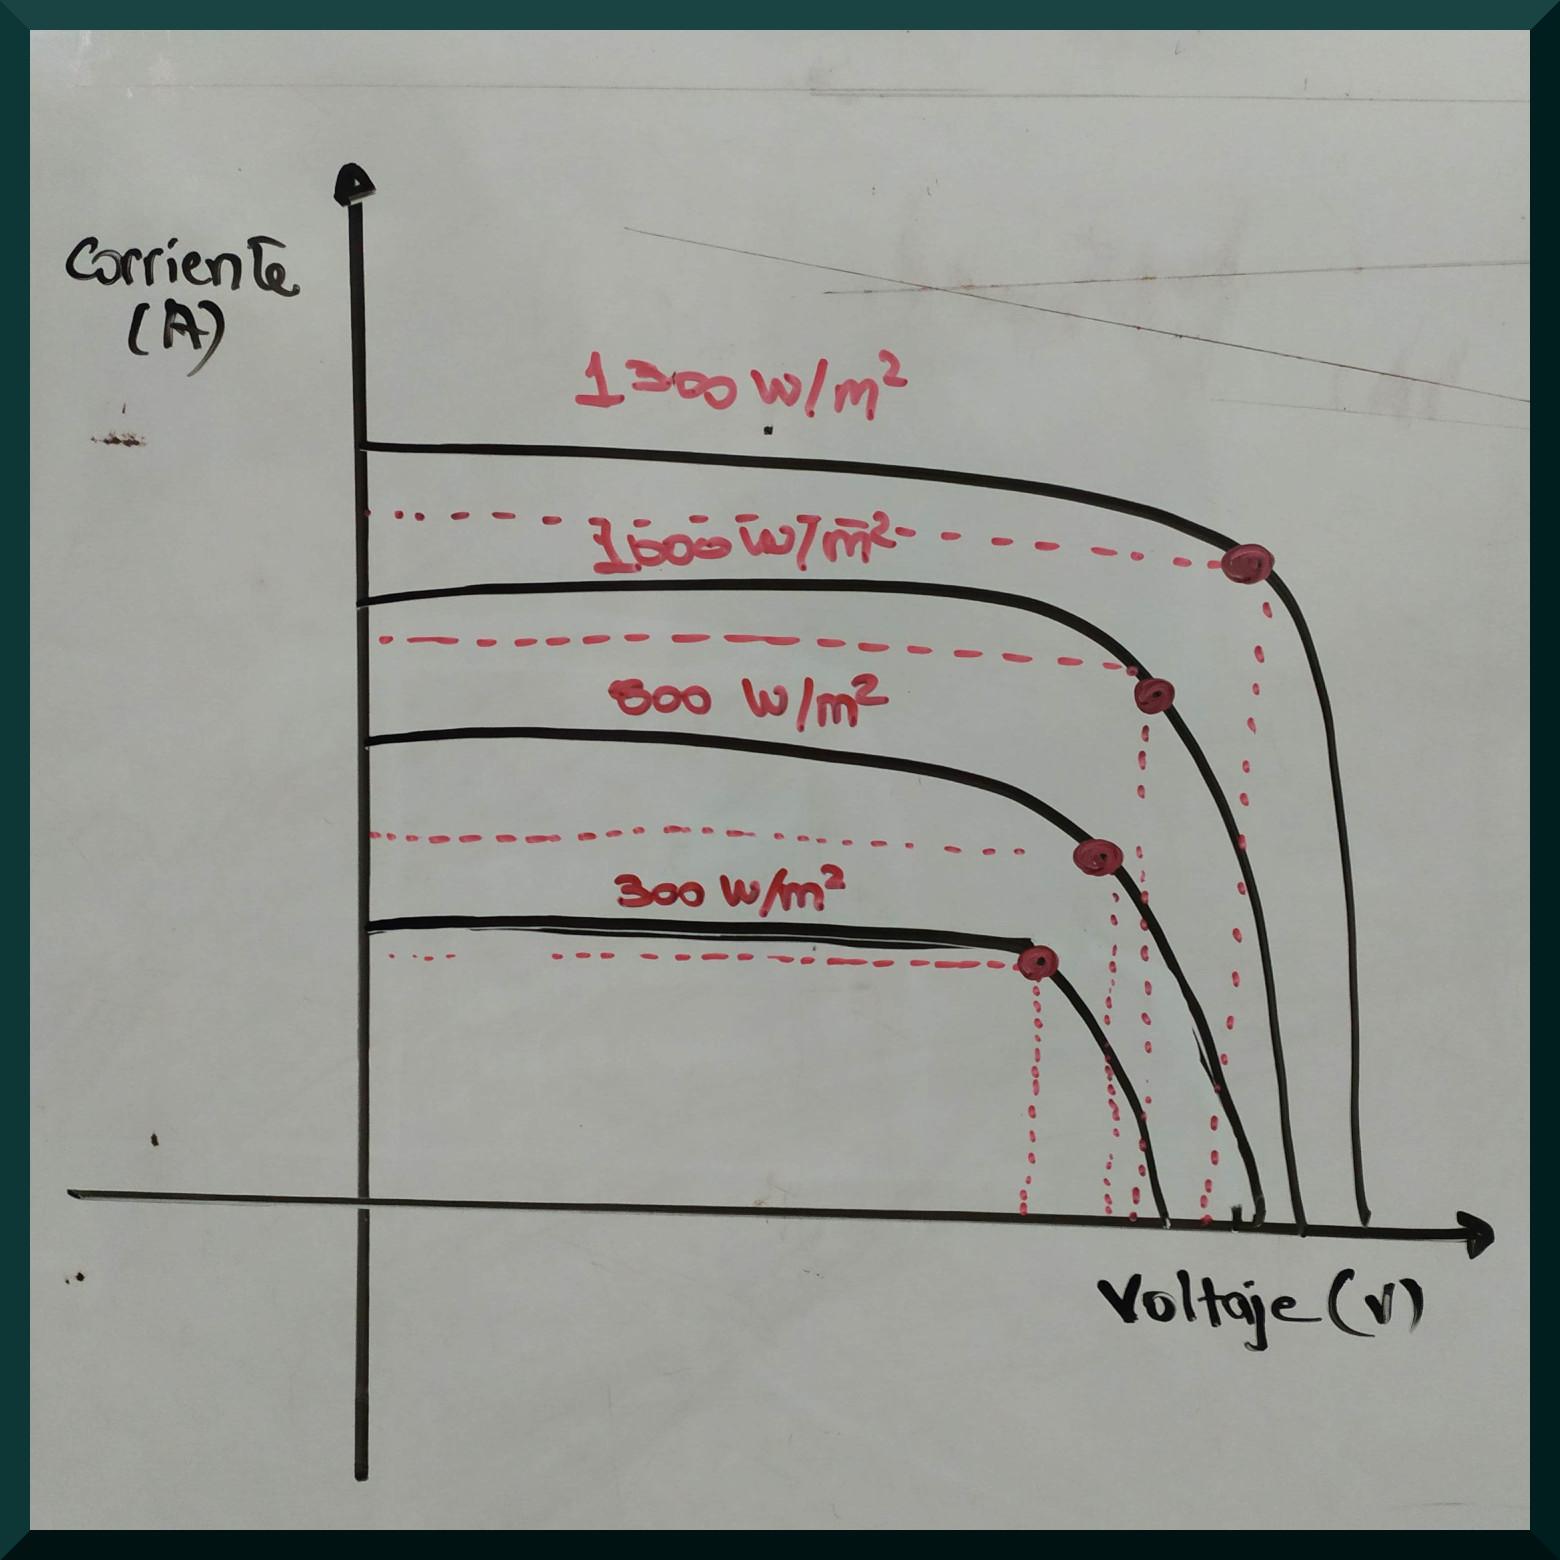 Representación del efecto fotovoltaico en la curva corriente-voltaje cuando está invertida el eje de corriente.